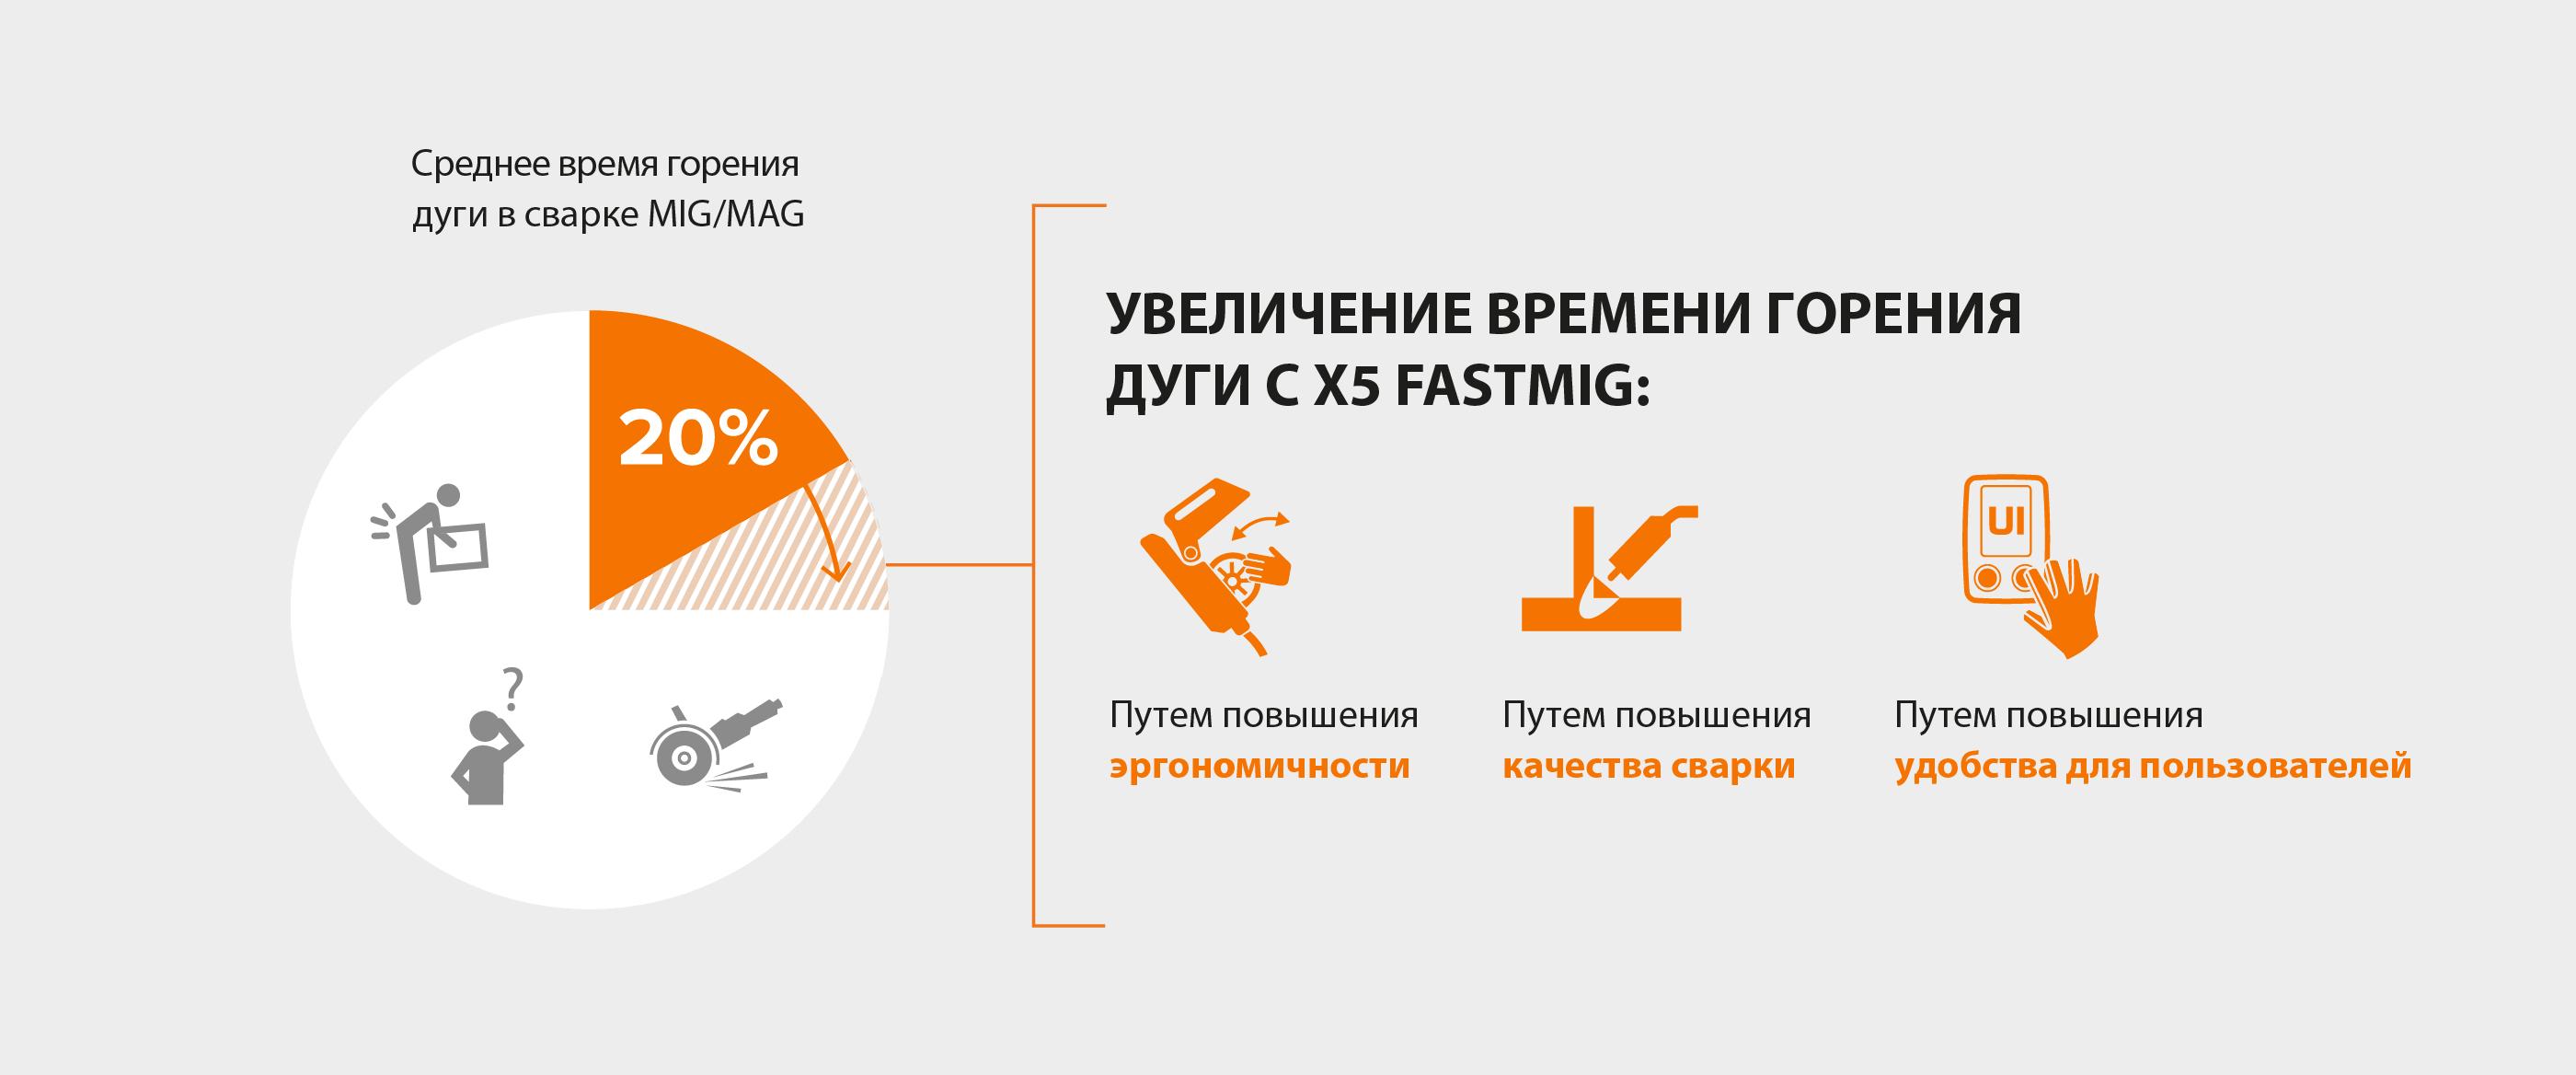 Способы увеличения времени горения дуги при использовании X5 FastMig